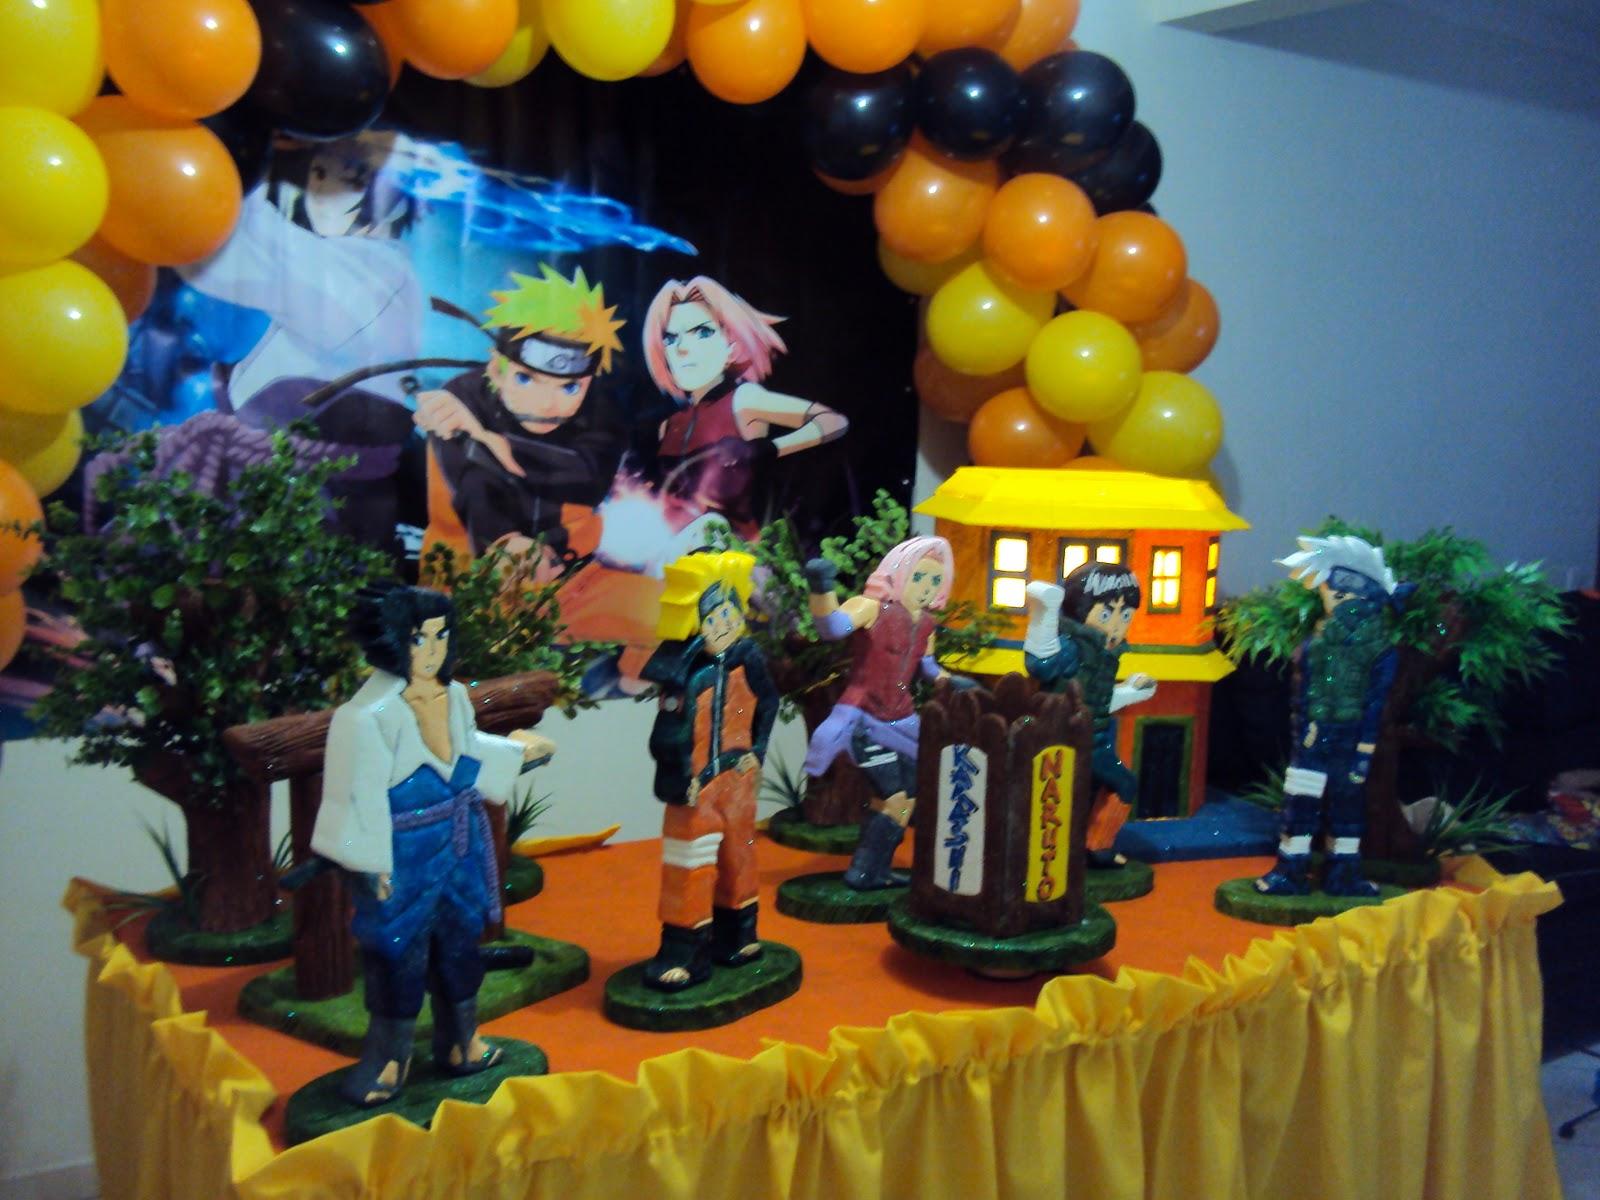 decoracao festa naruto:Postado por Sonho Real Decorações Infantis às 08:17